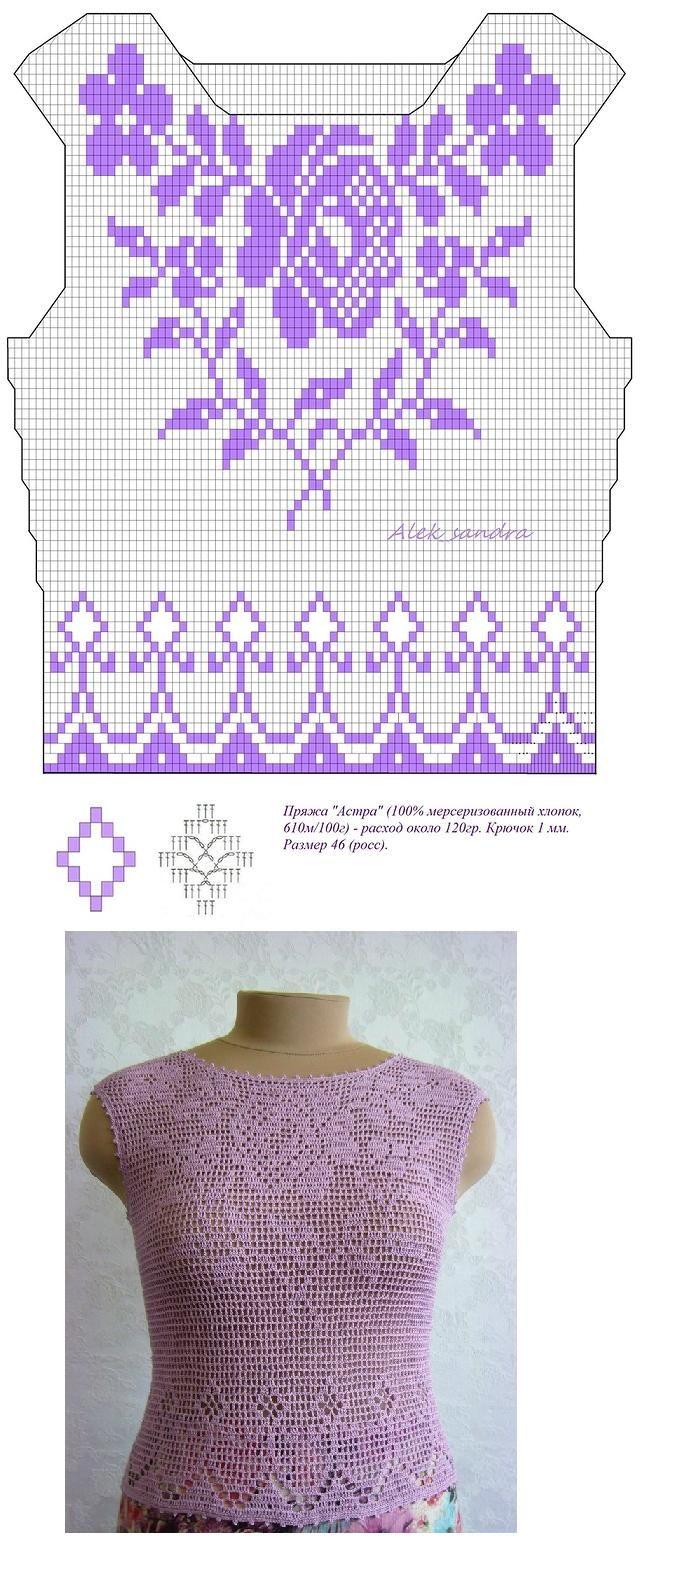 Модели с филейным узором и схемами